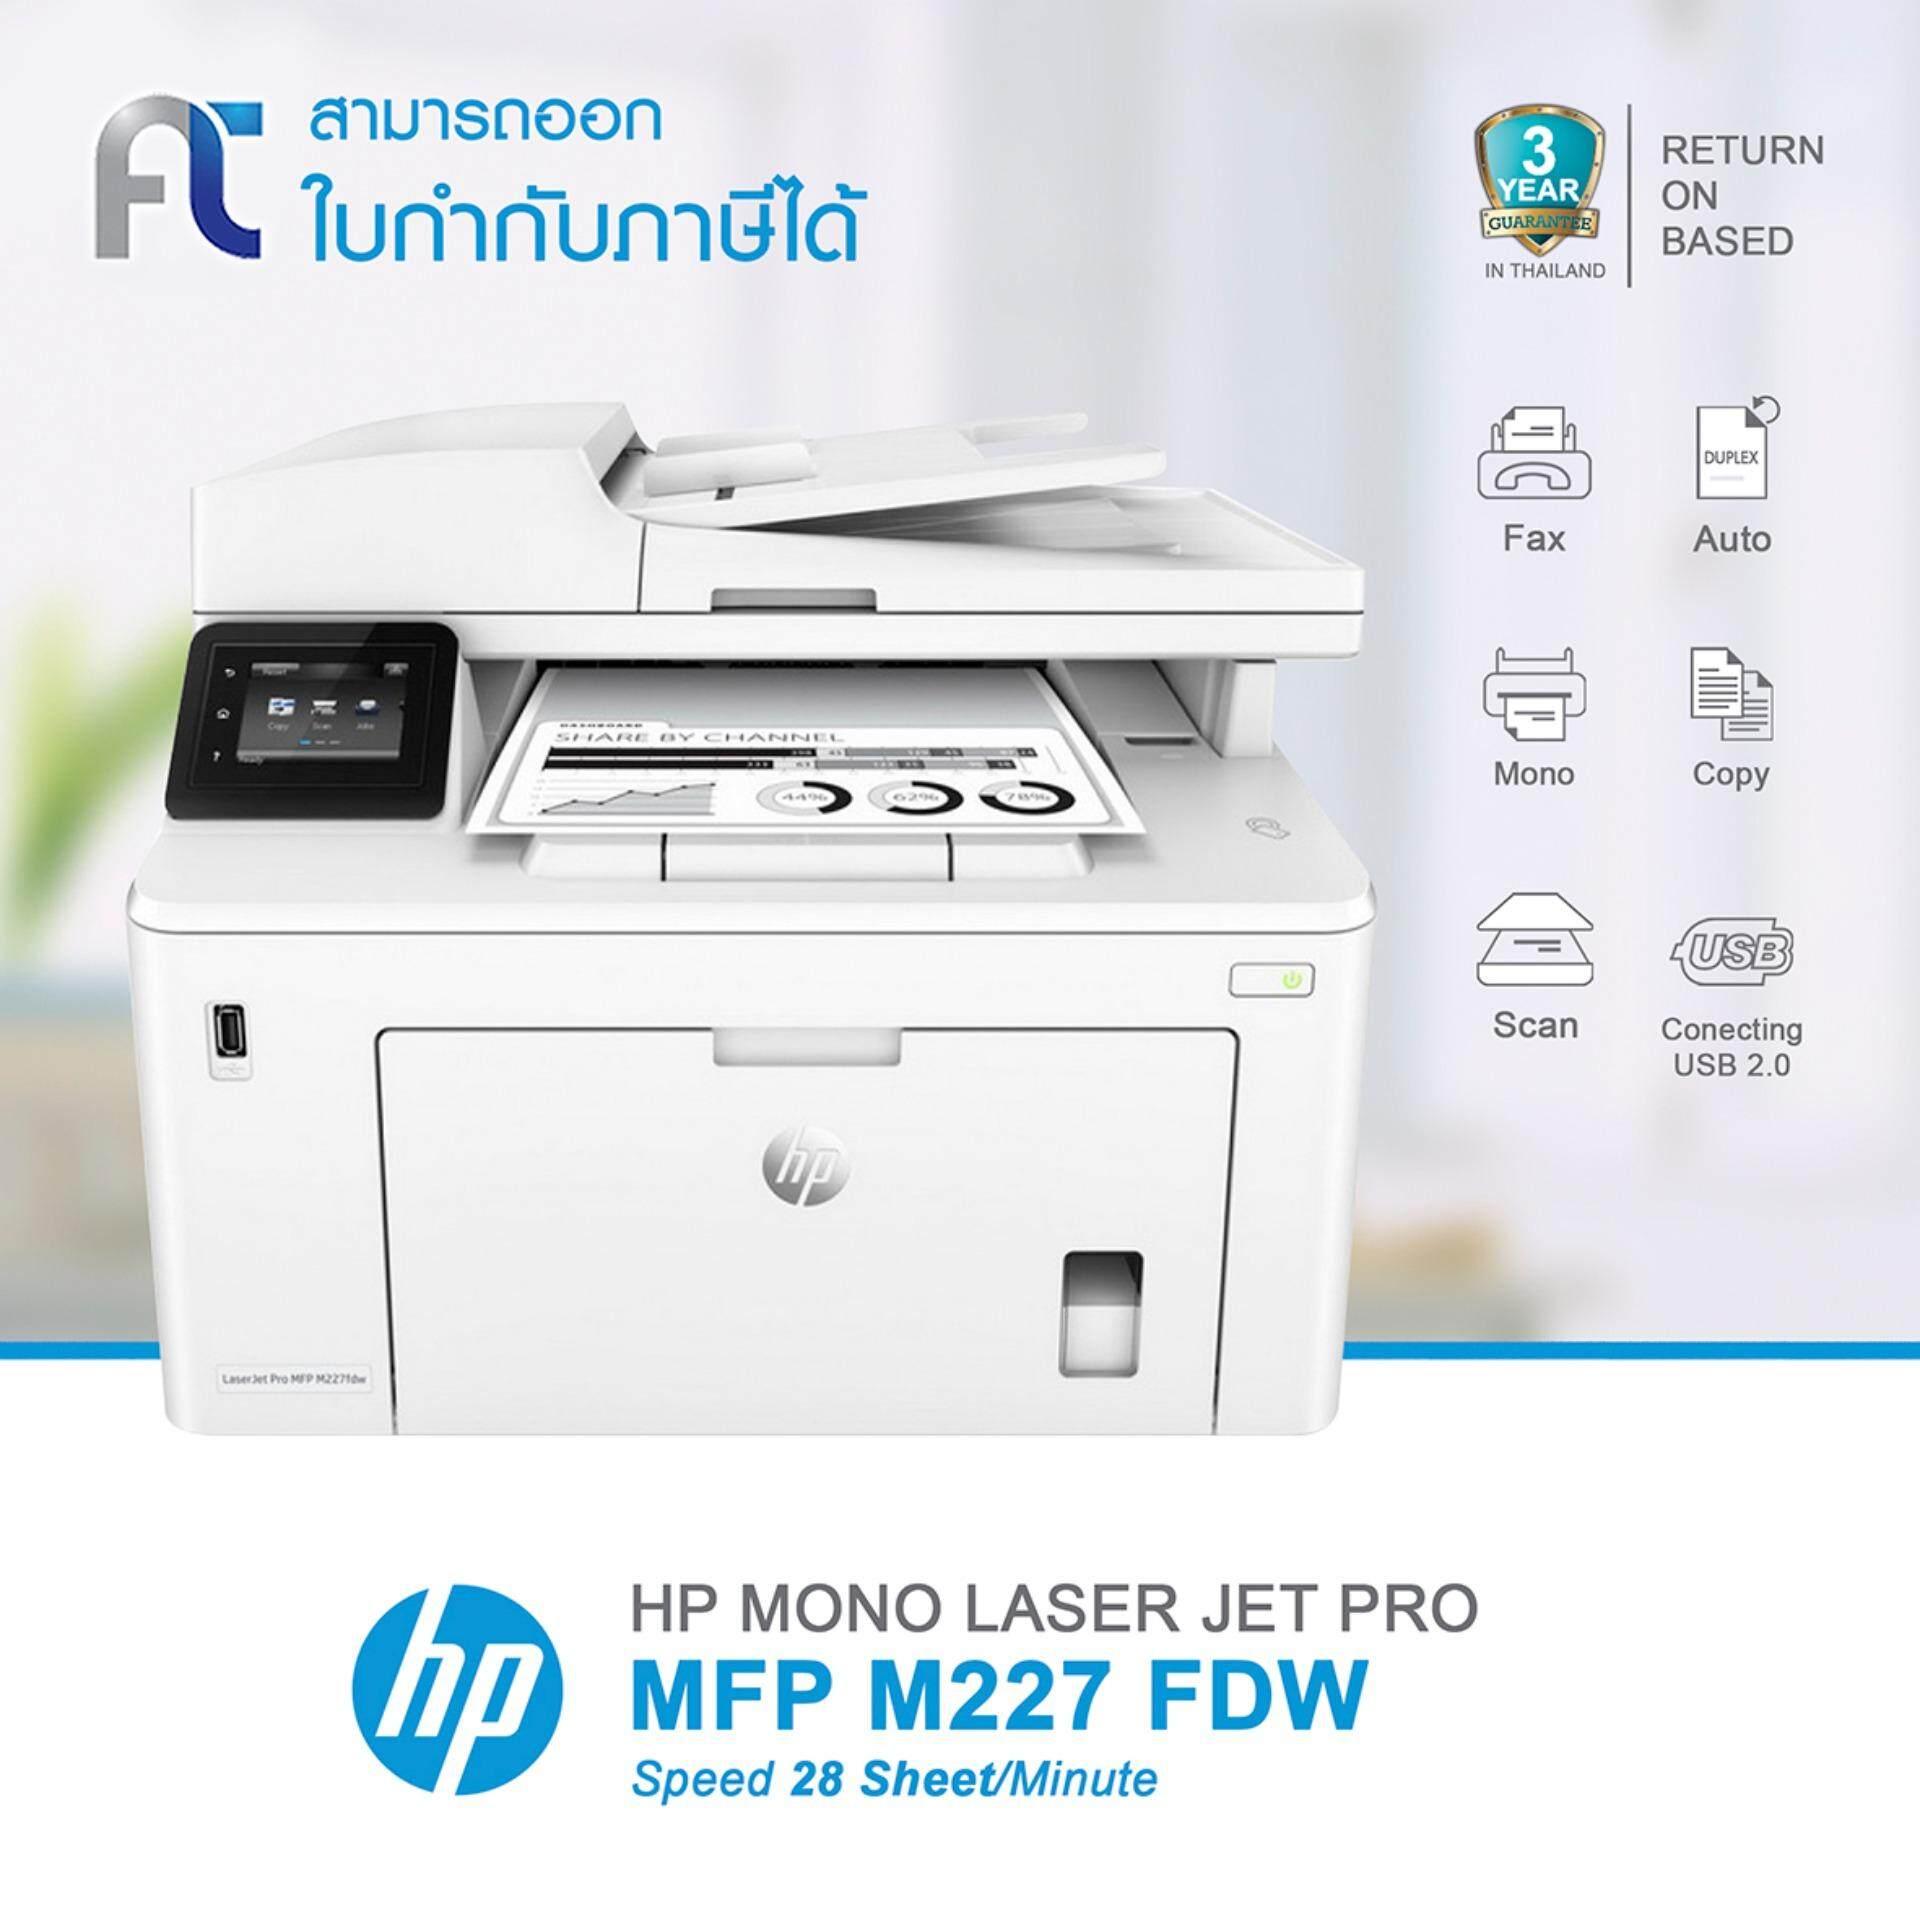 ขาย ซื้อ ออนไลน์ 3 Year Warranty Hp Laserjet Pro Mfp M227Fdw Print Copy Scan Fax Duplex